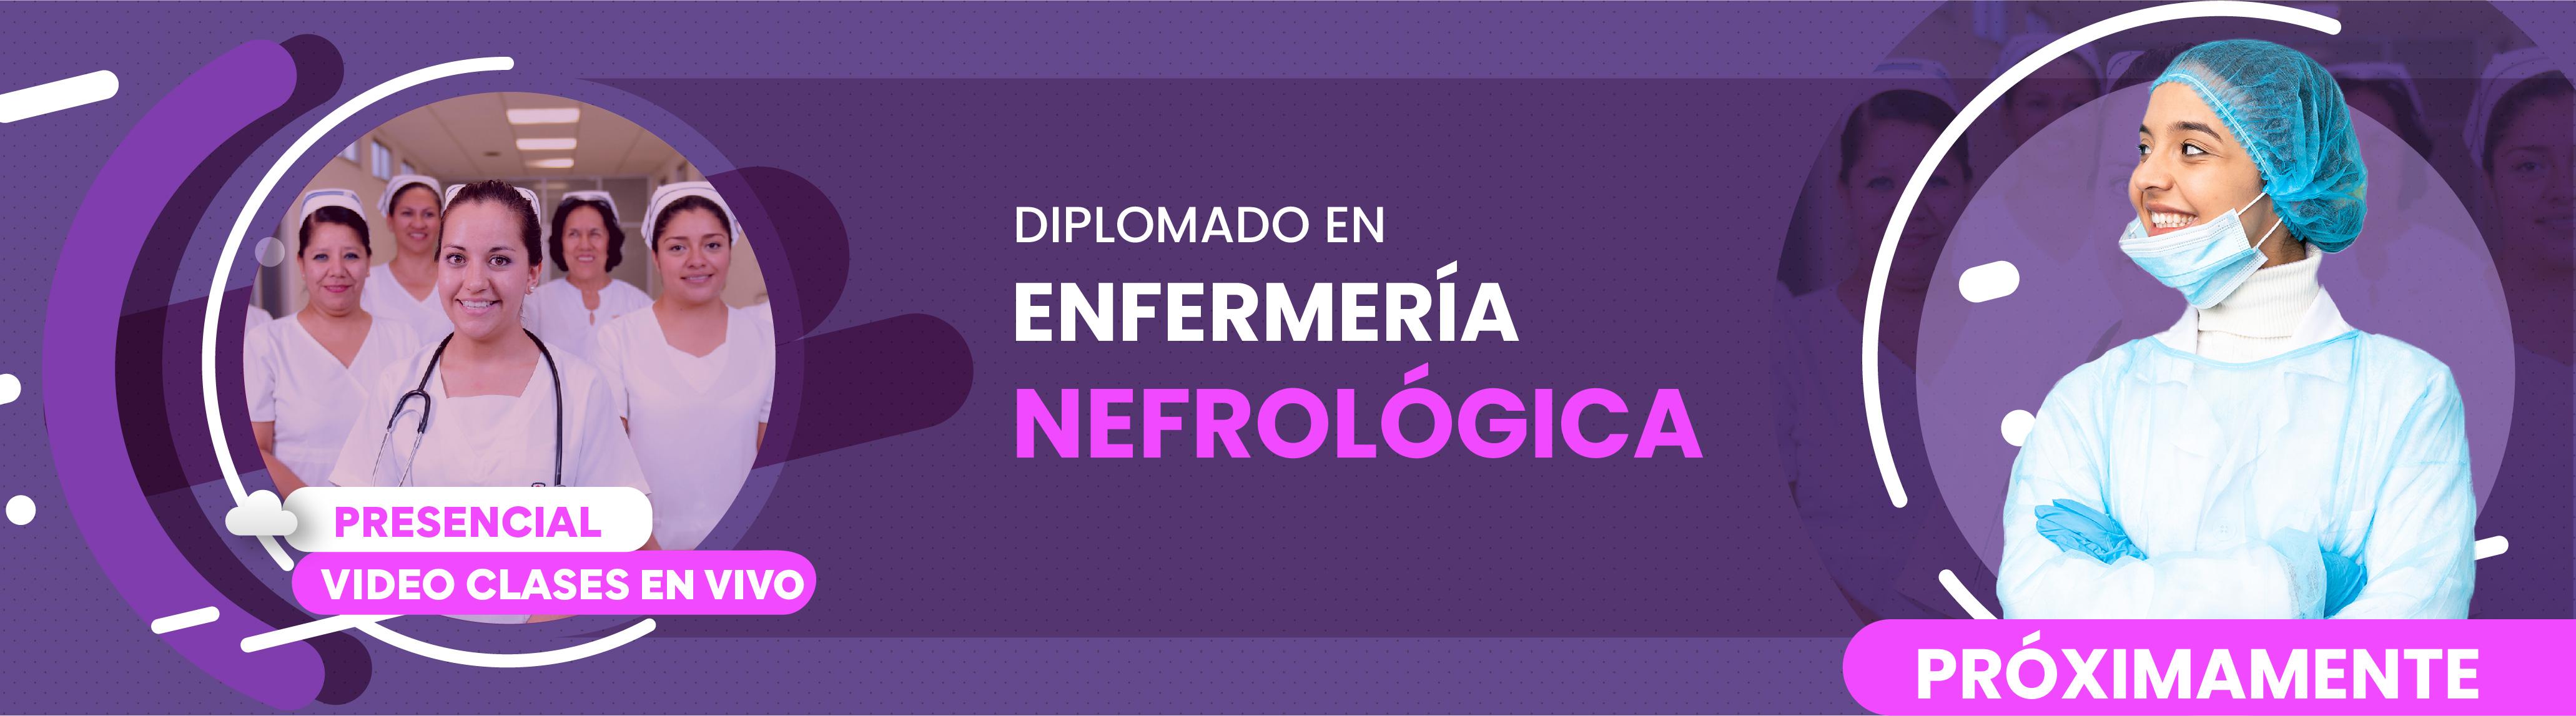 enfermeria-nefrologica